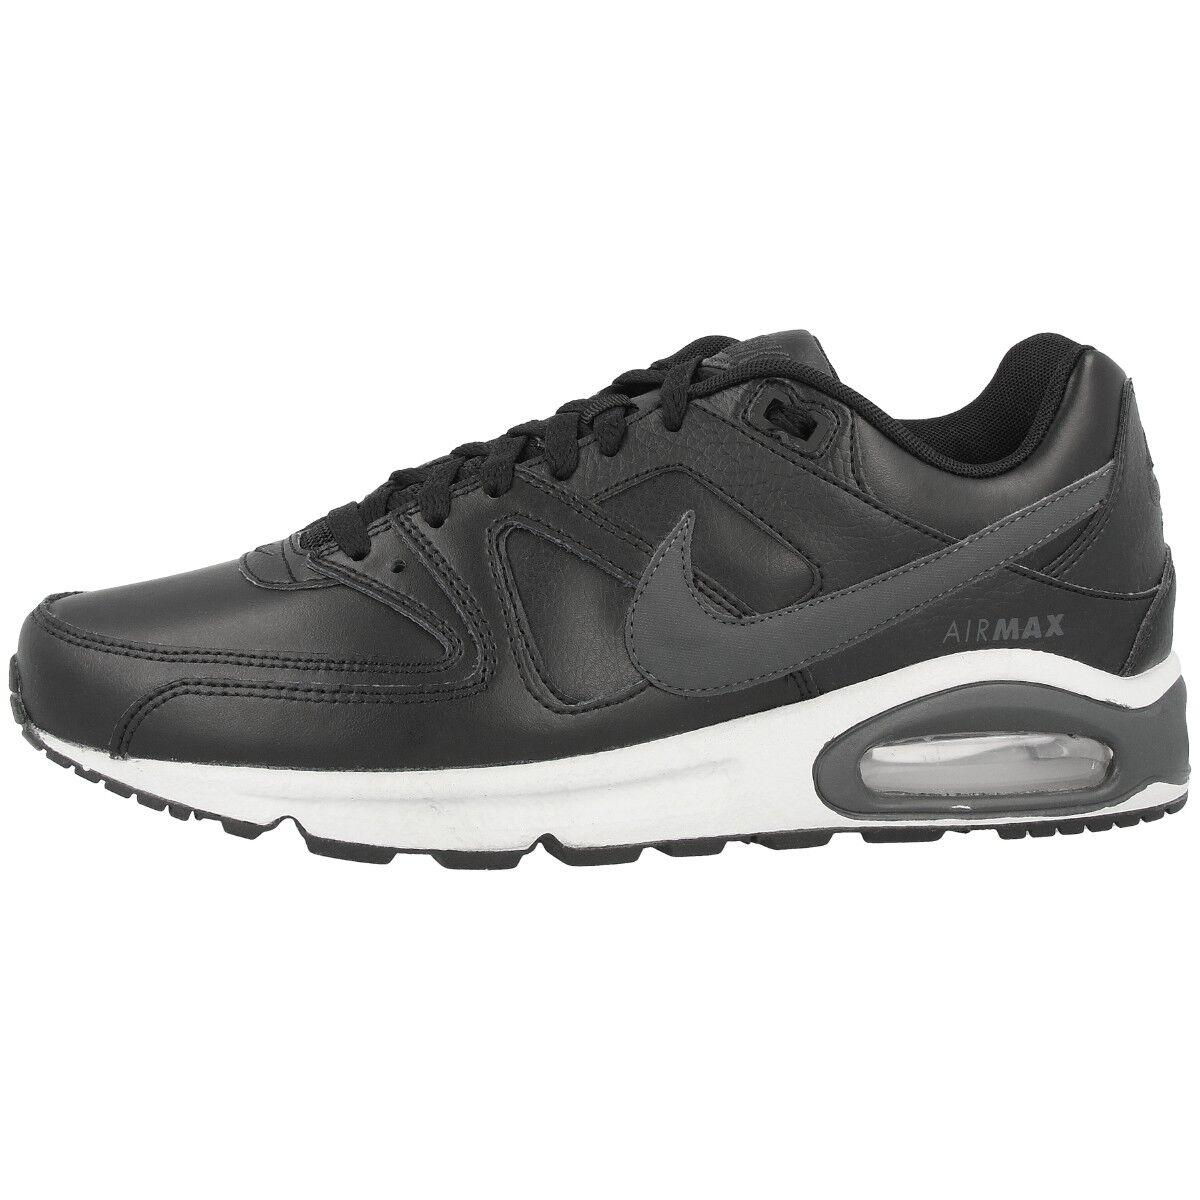 Nike Air Max Command Leather Schuhe Freizeit Turnschuhe schwarz anthracite 749760-001